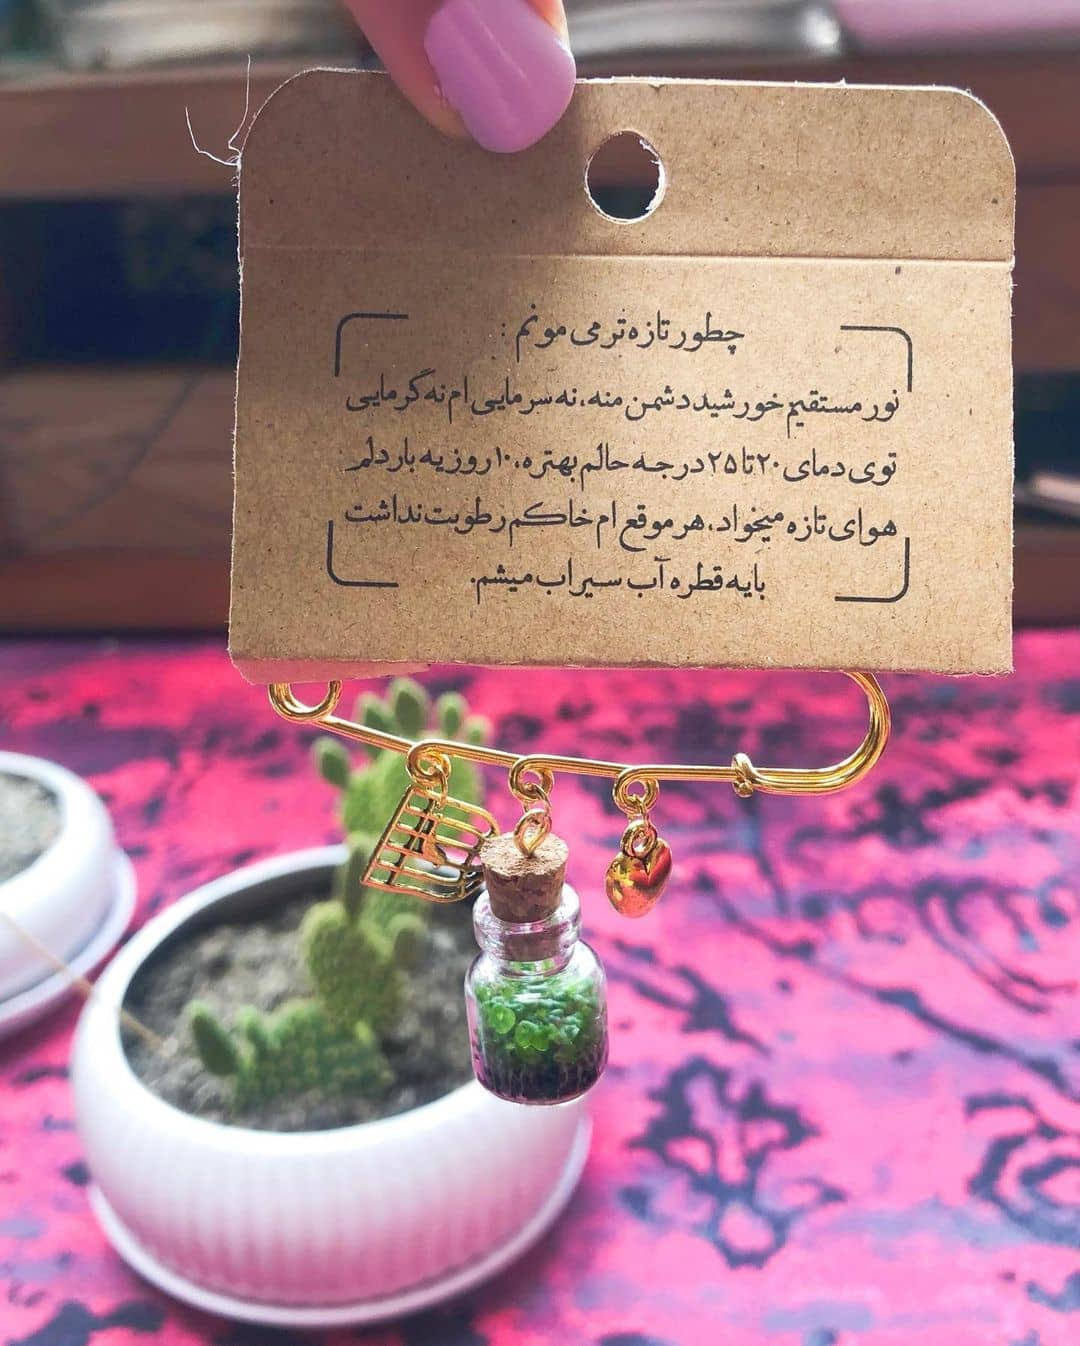 shaghayeghdehghan plant - عکس/ راهکار عجیب شقایق دهقان برای مانتوی جلو باز!